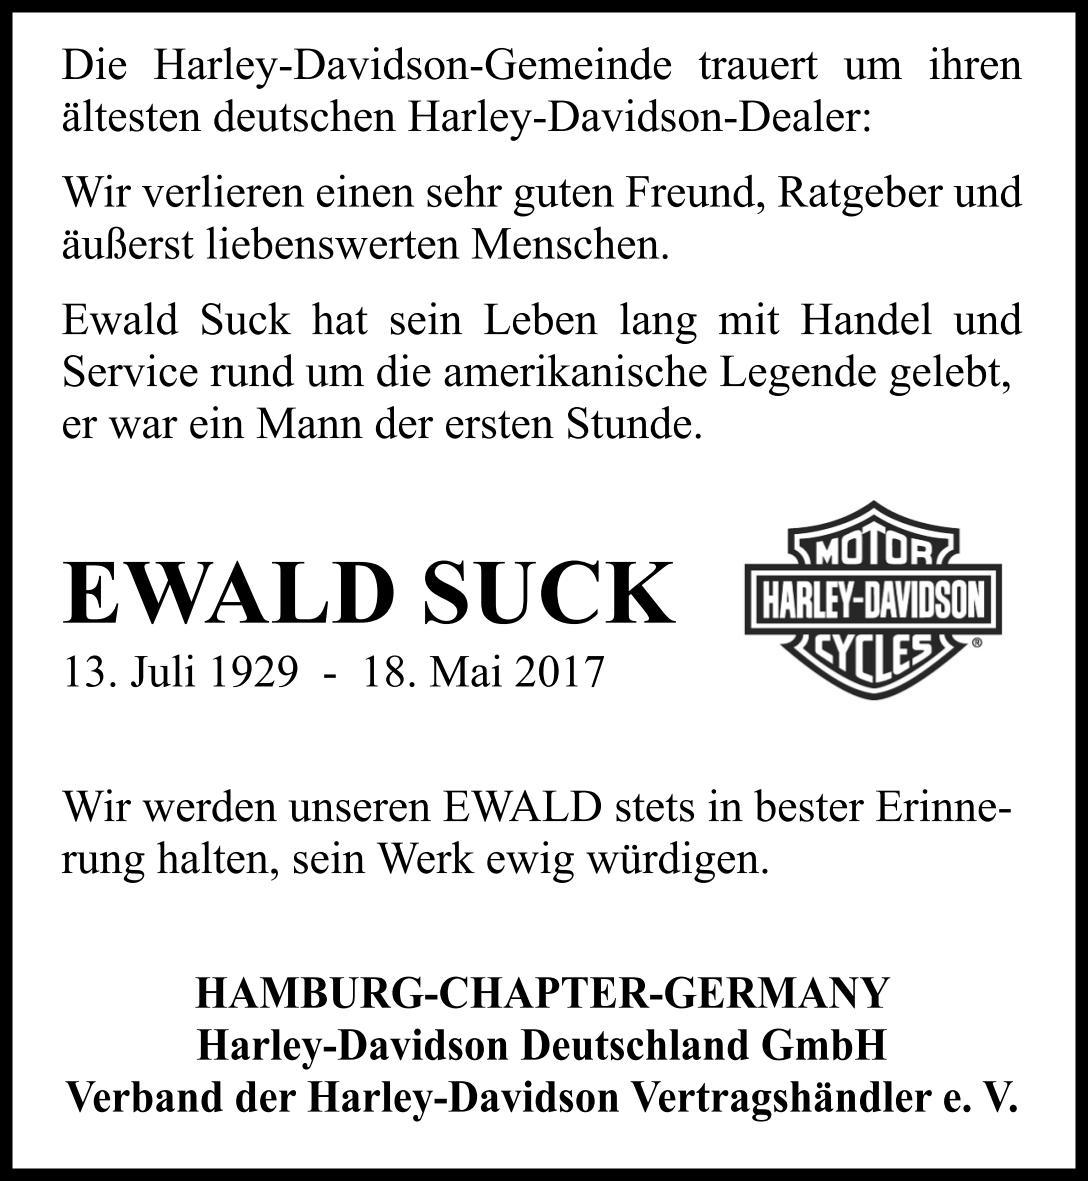 Ewald Suck -  Der erste und älteste Harley-Davidson Vertragshändler ist verstorben.